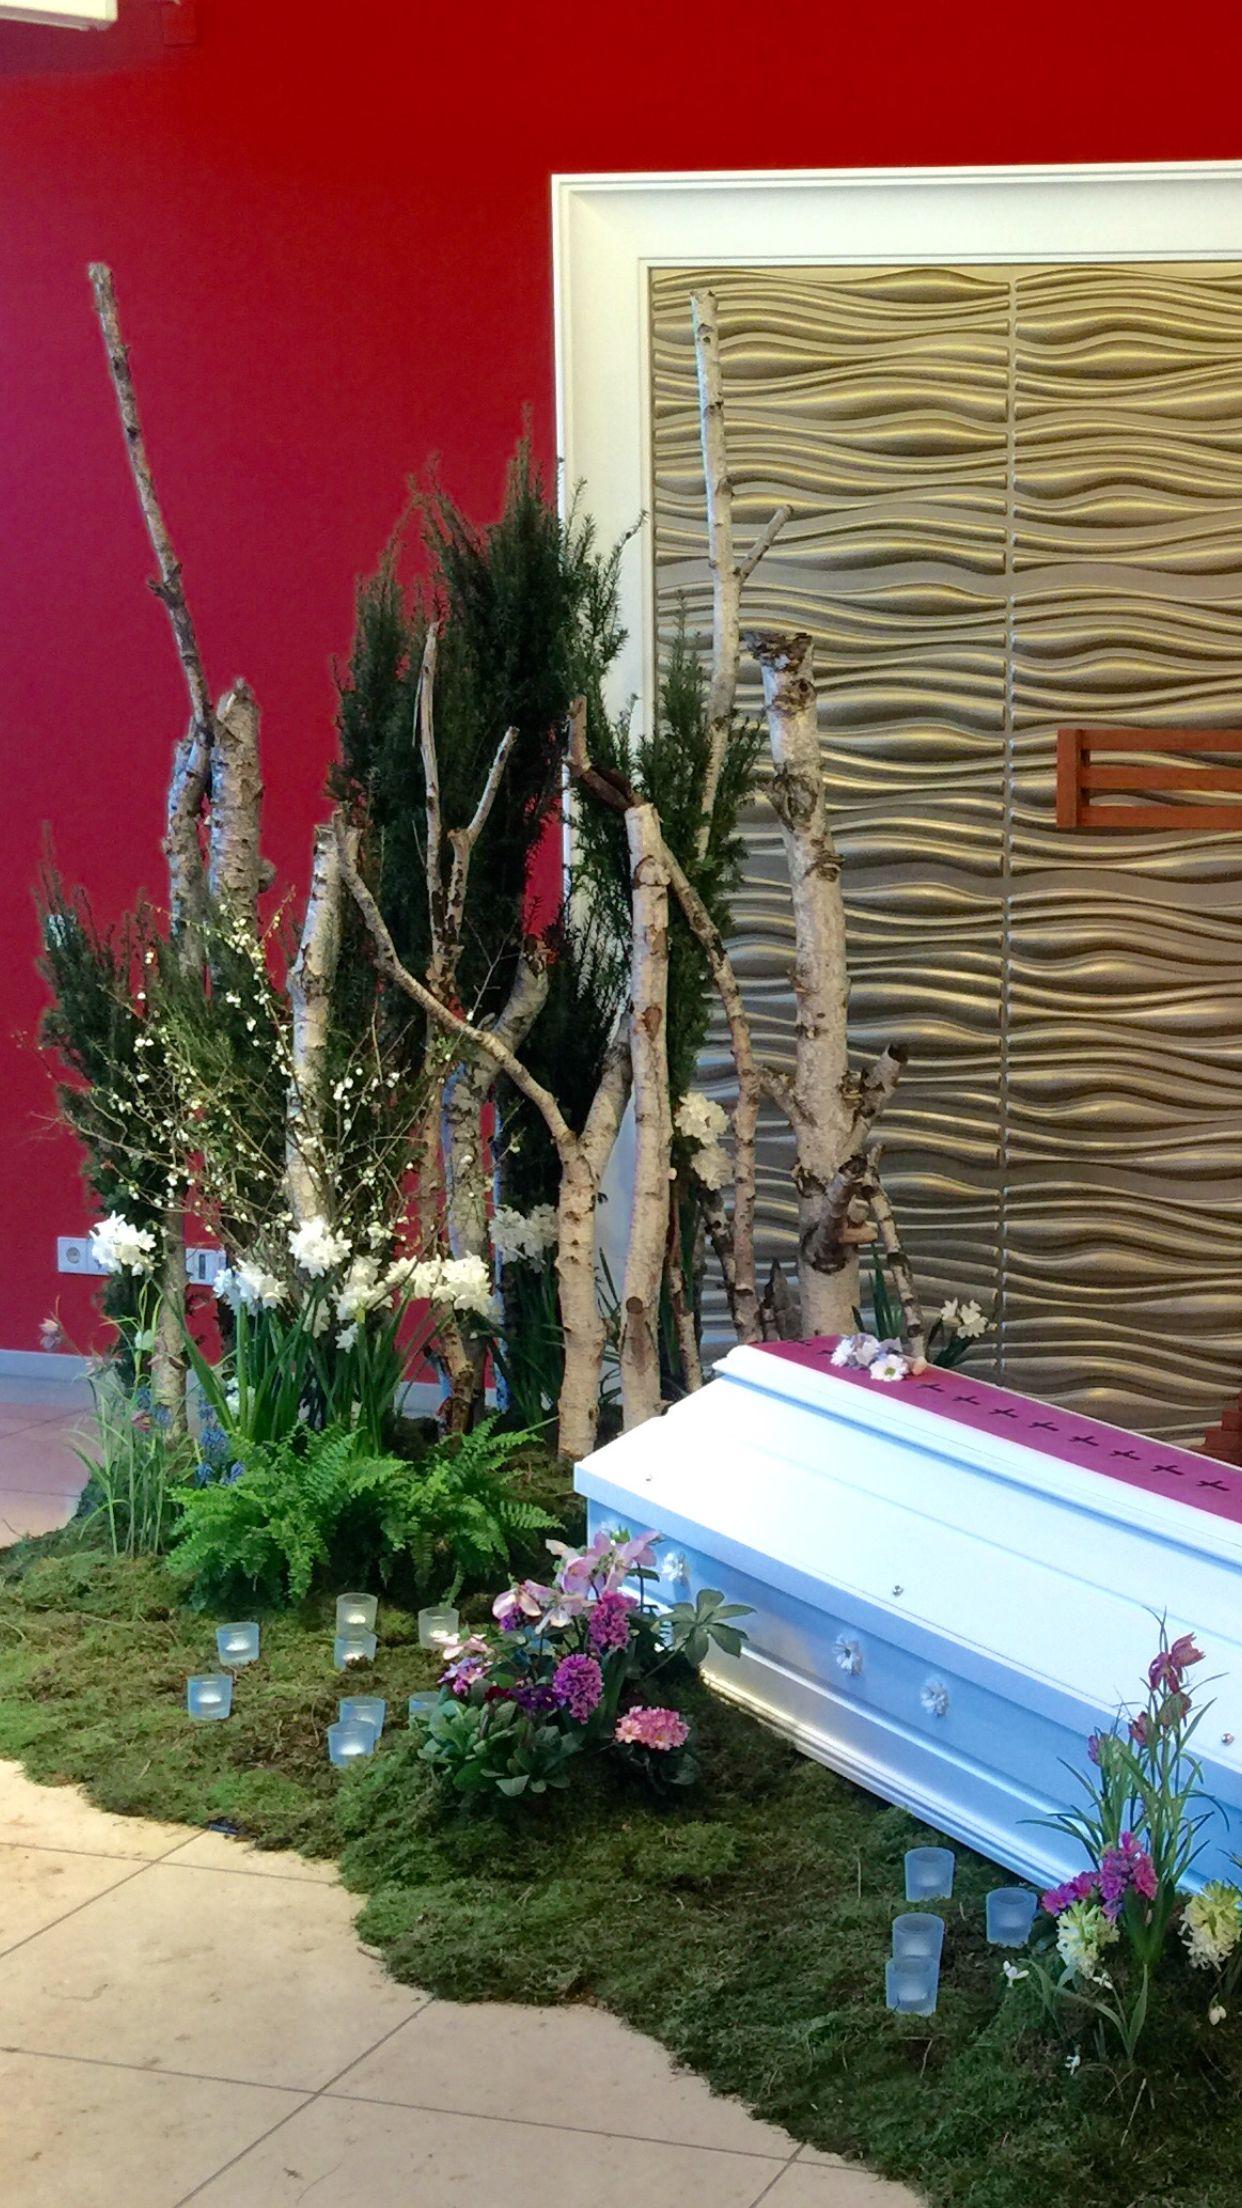 Sargschmuck - betonierte Birkenstämme und Frühlingsblumen auf Moos